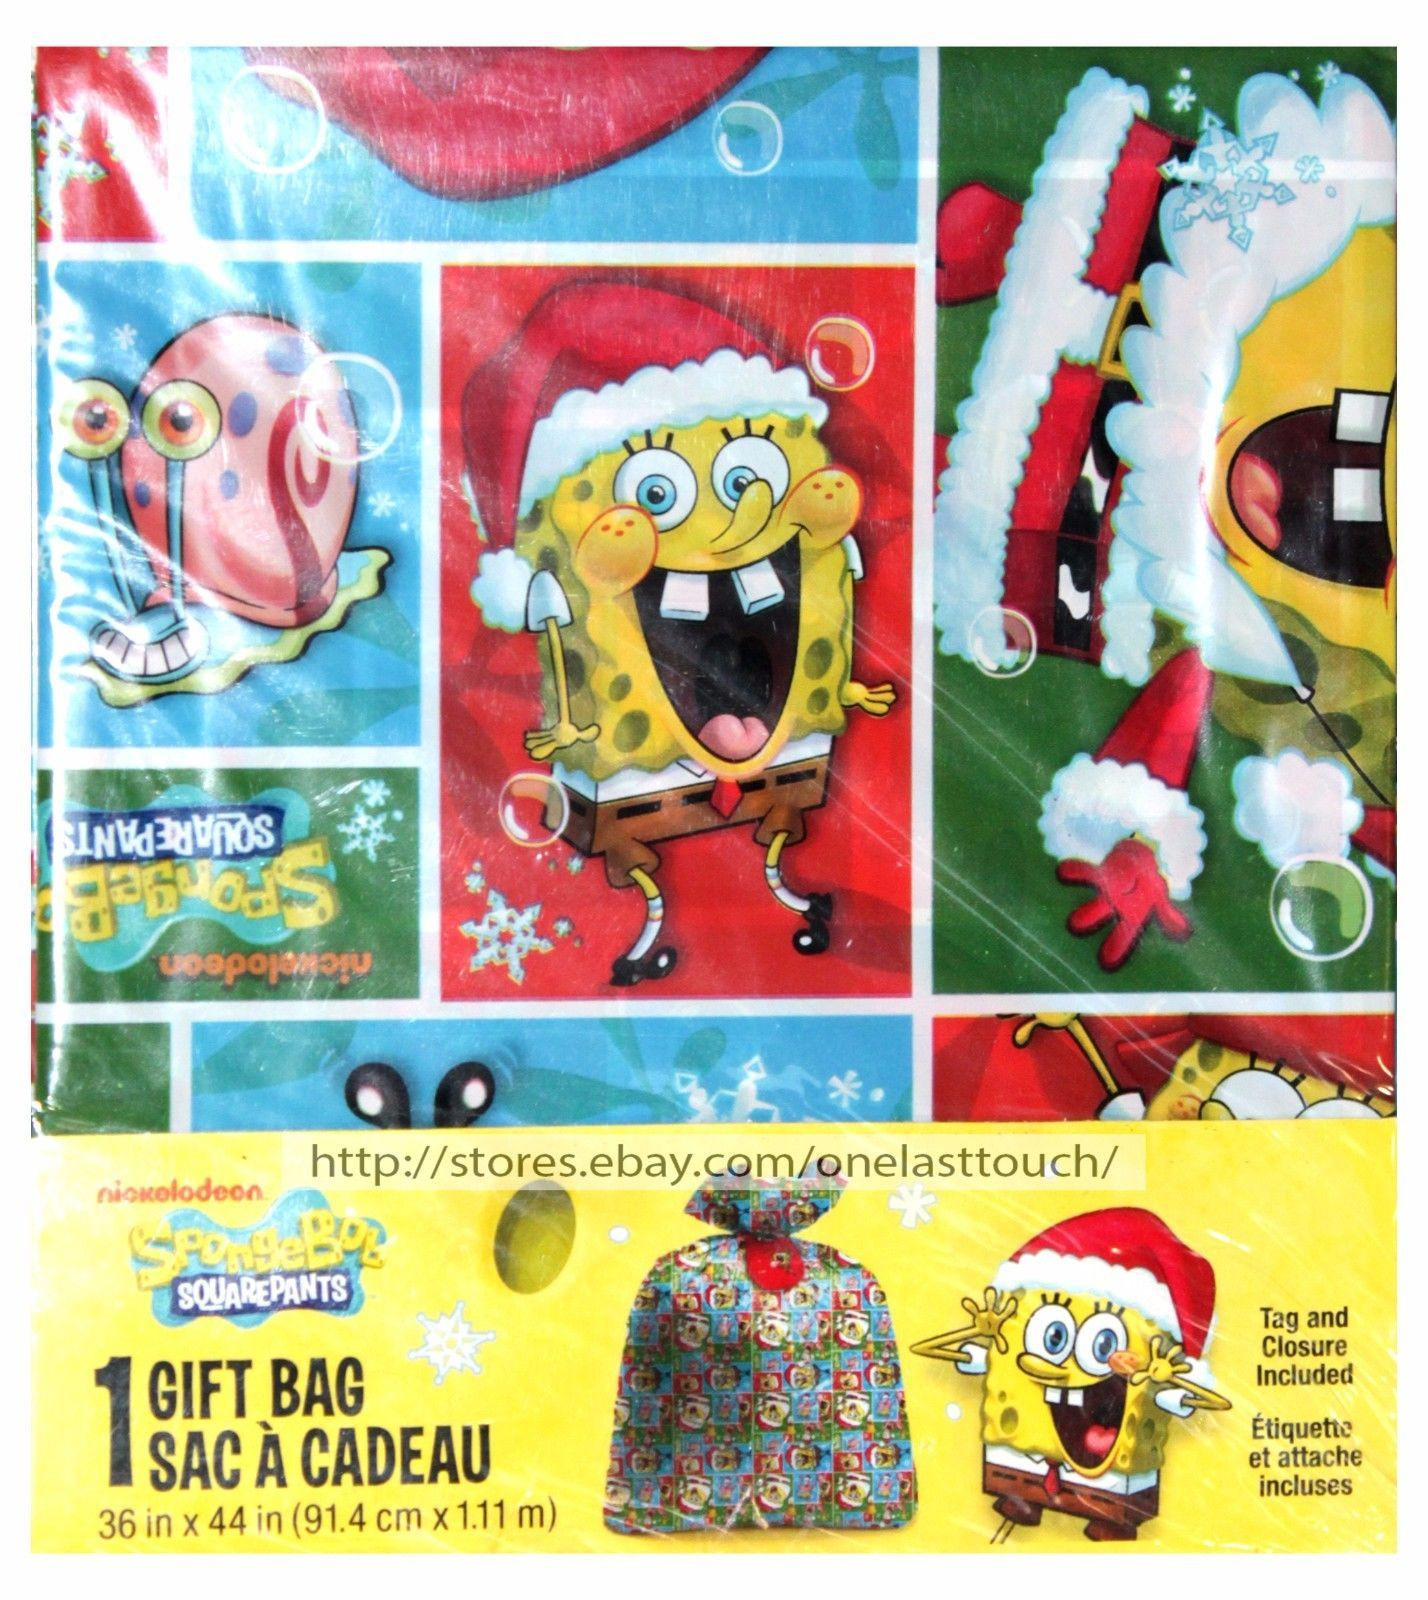 American Greetings Gift Bag 13 Listings